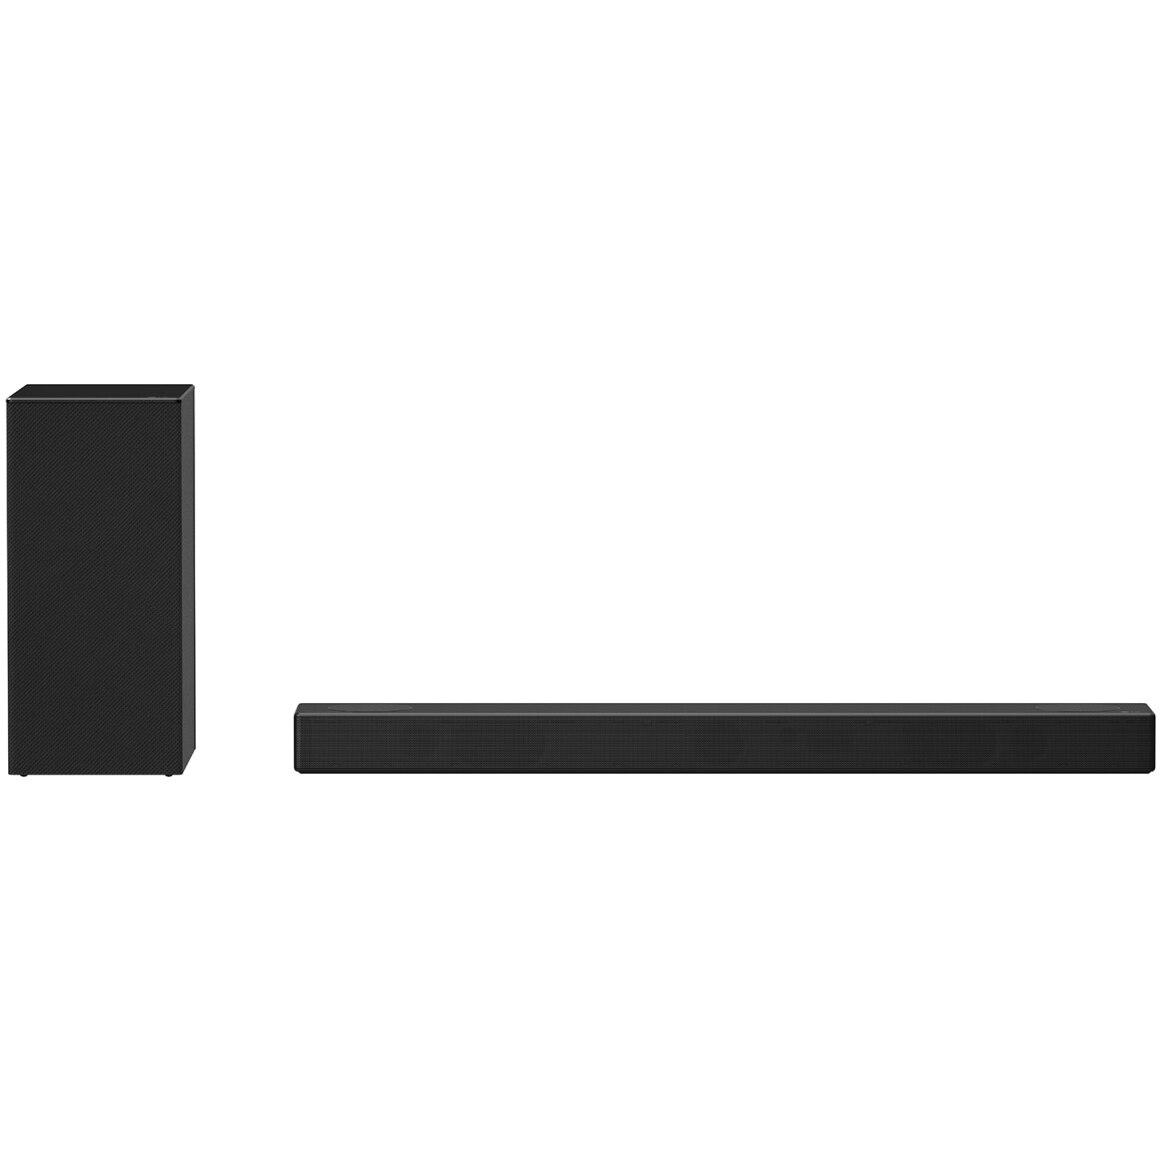 Fotografie Soundbar LG SN7Y, 3.1.2, 380W, Bluetooth, Subwoofer Wireless, Dolby, negru